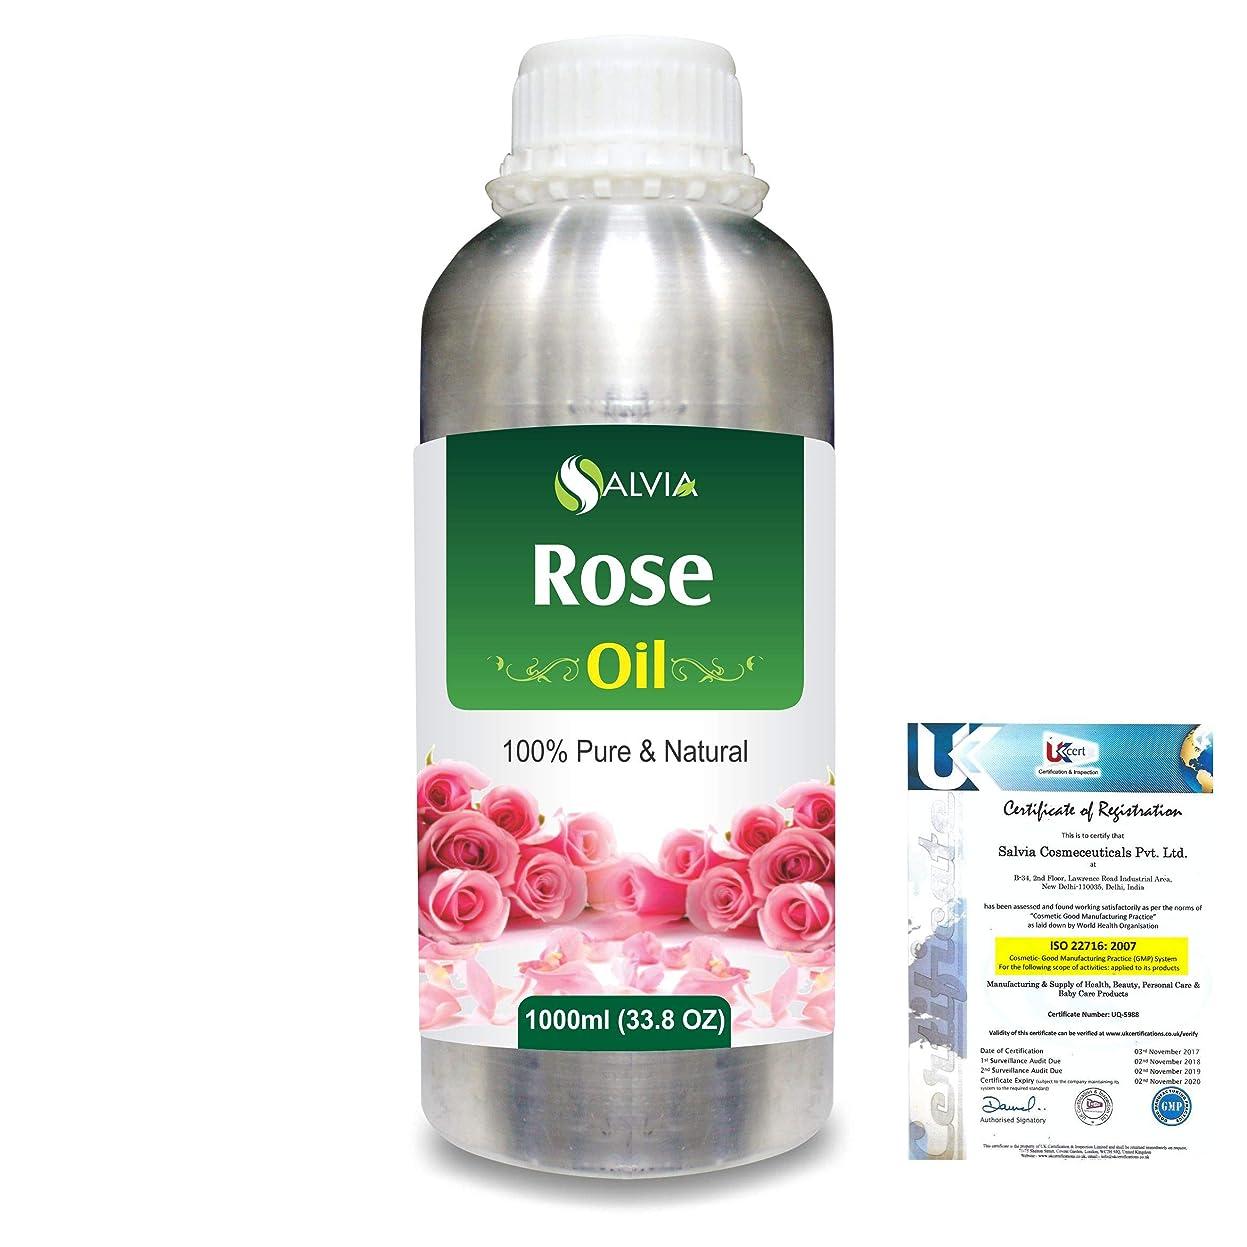 消防士空気うつRose (Rosa Damacenia) 100% Natural Pure Essential Oil 1000ml/33.8fl.oz.